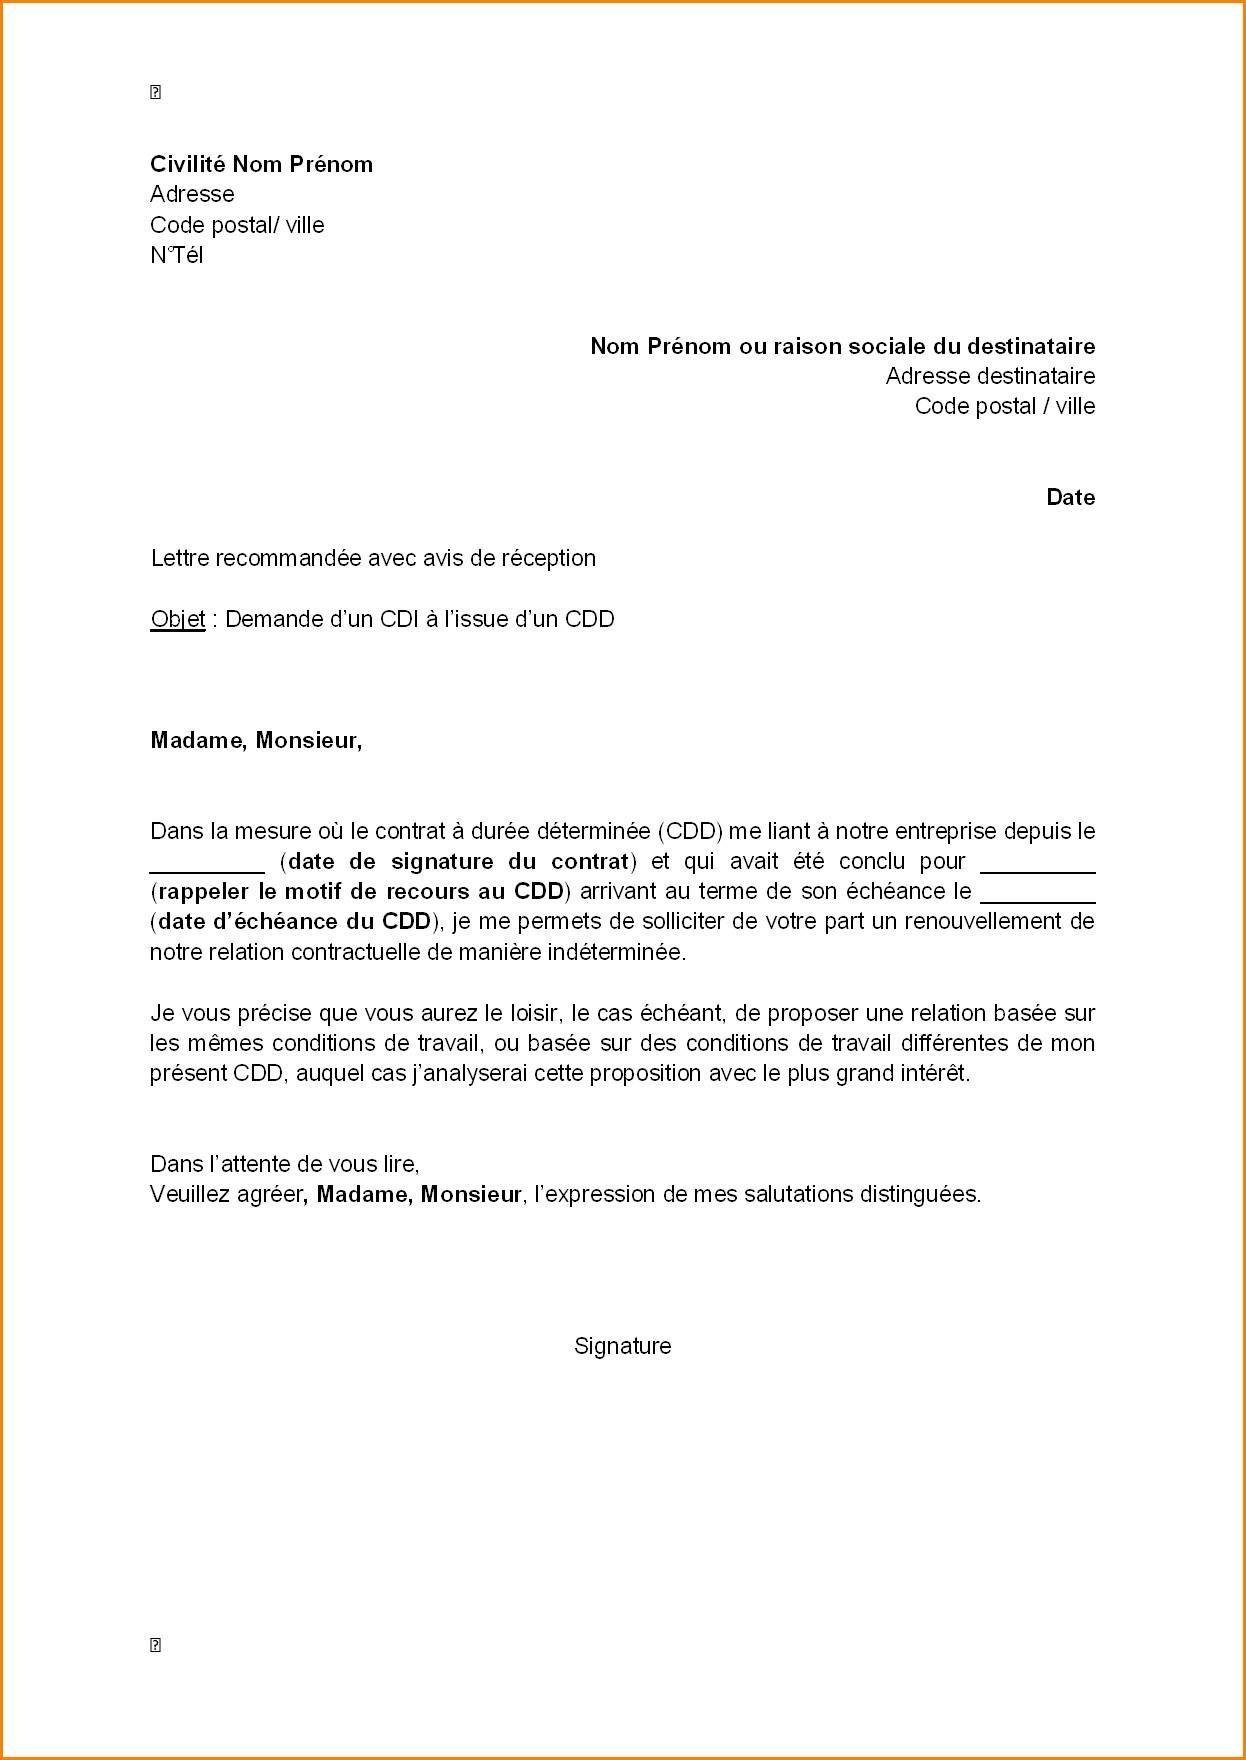 Plongeur en restauration lettre de motivation - laboite-cv.fr